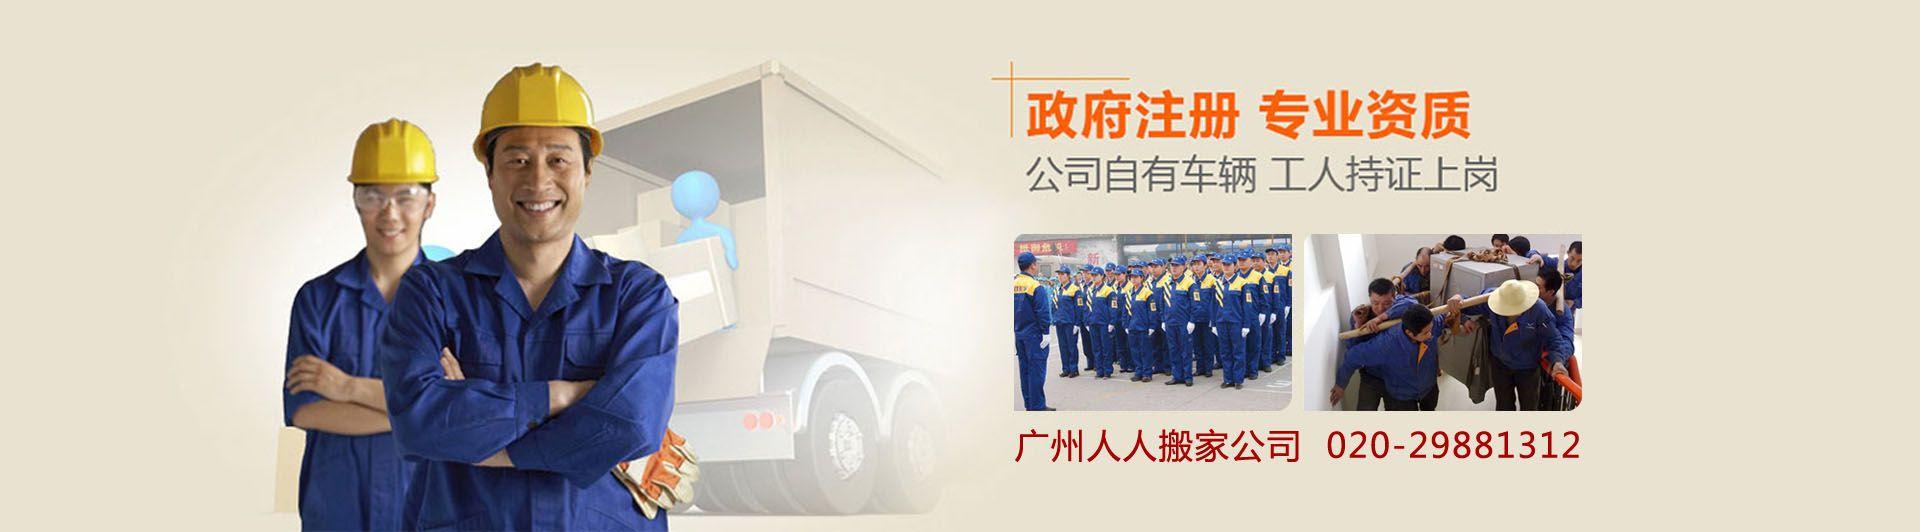 广州人人搬家公司工商正规注册